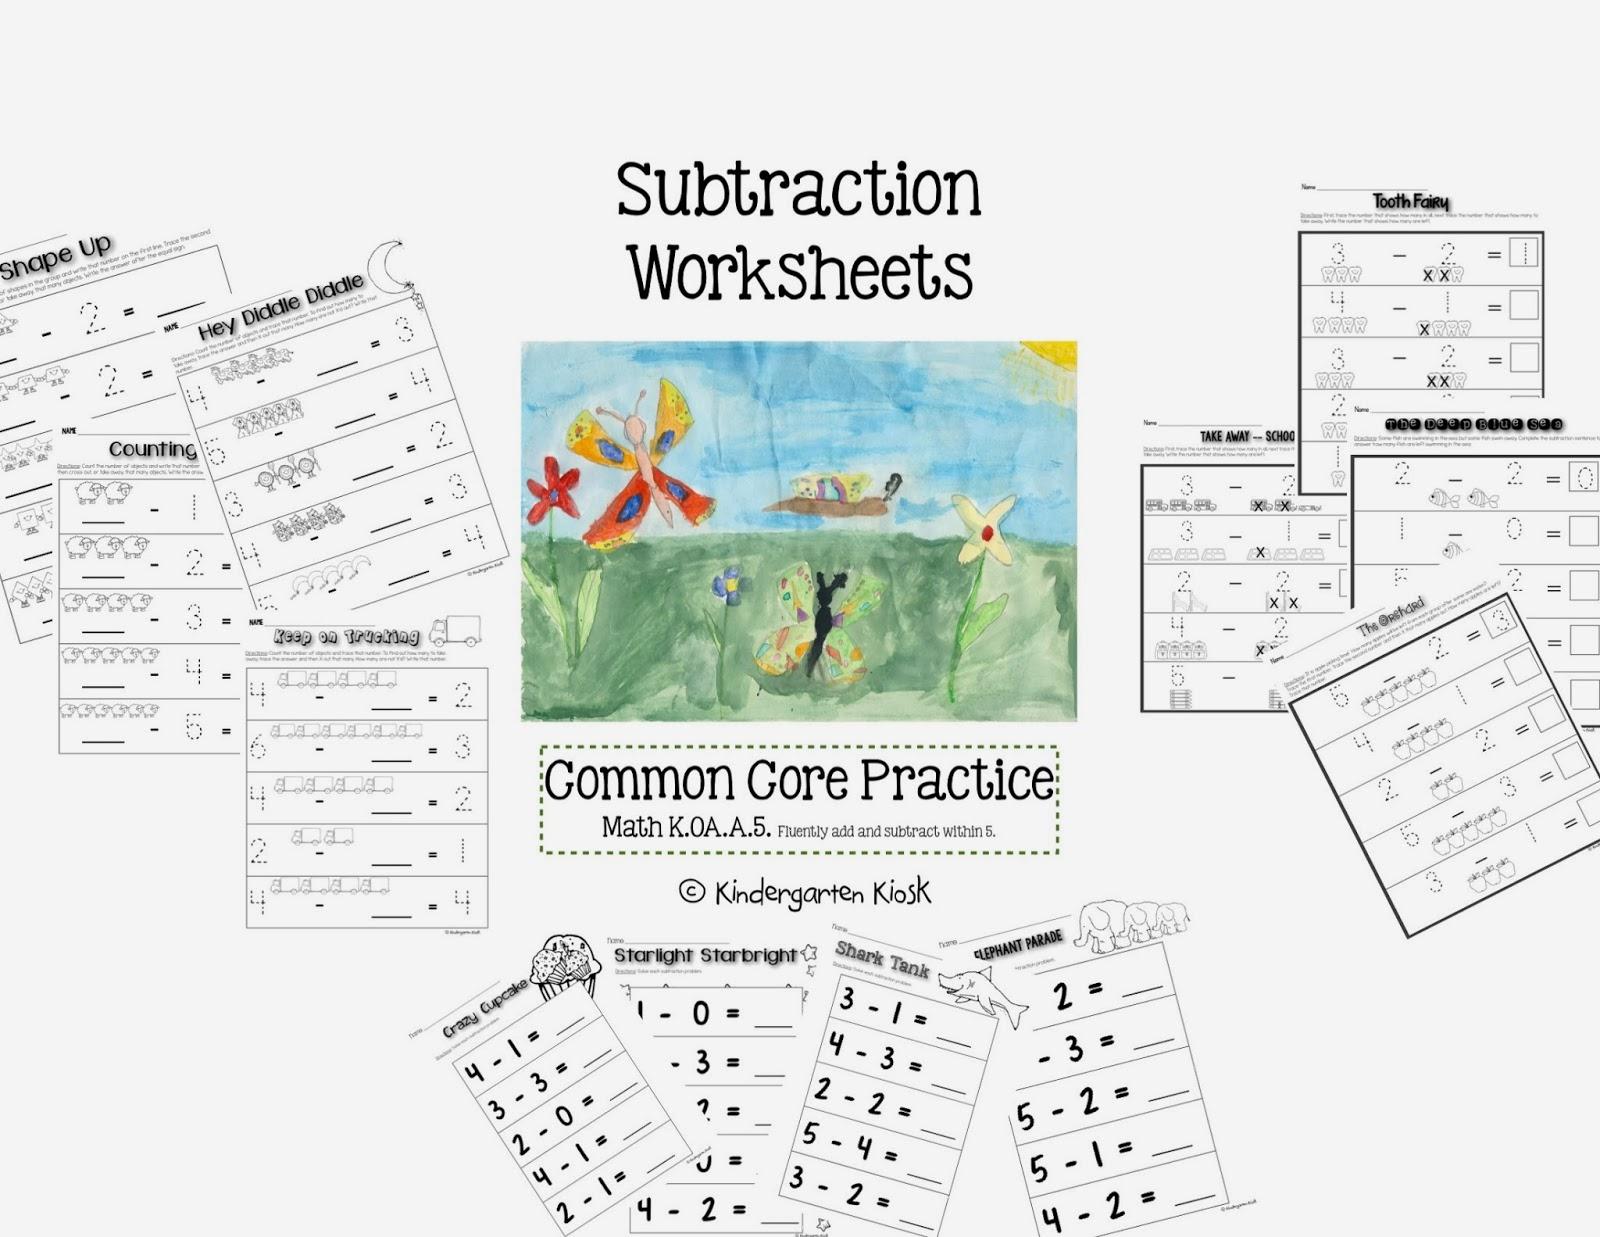 Kindergarten Kiosk Subtraction Worksheets